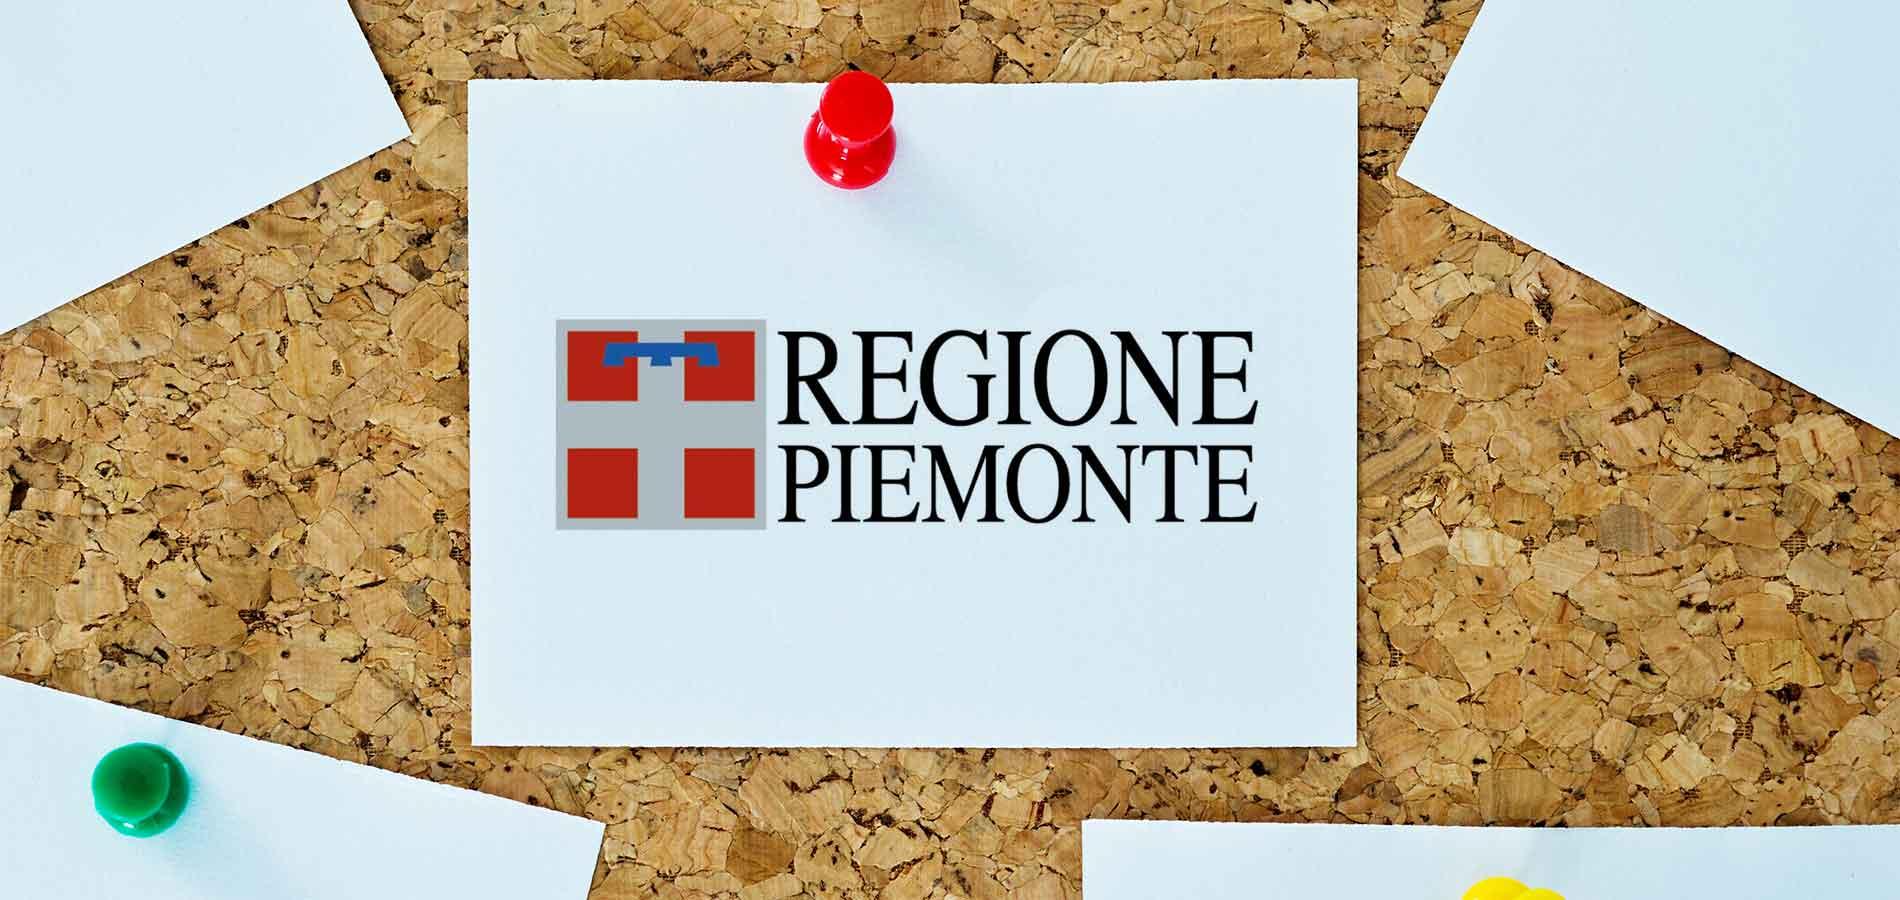 Bando Regione Piemonte per impianti fotovoltaici aziendali ed efficientamento